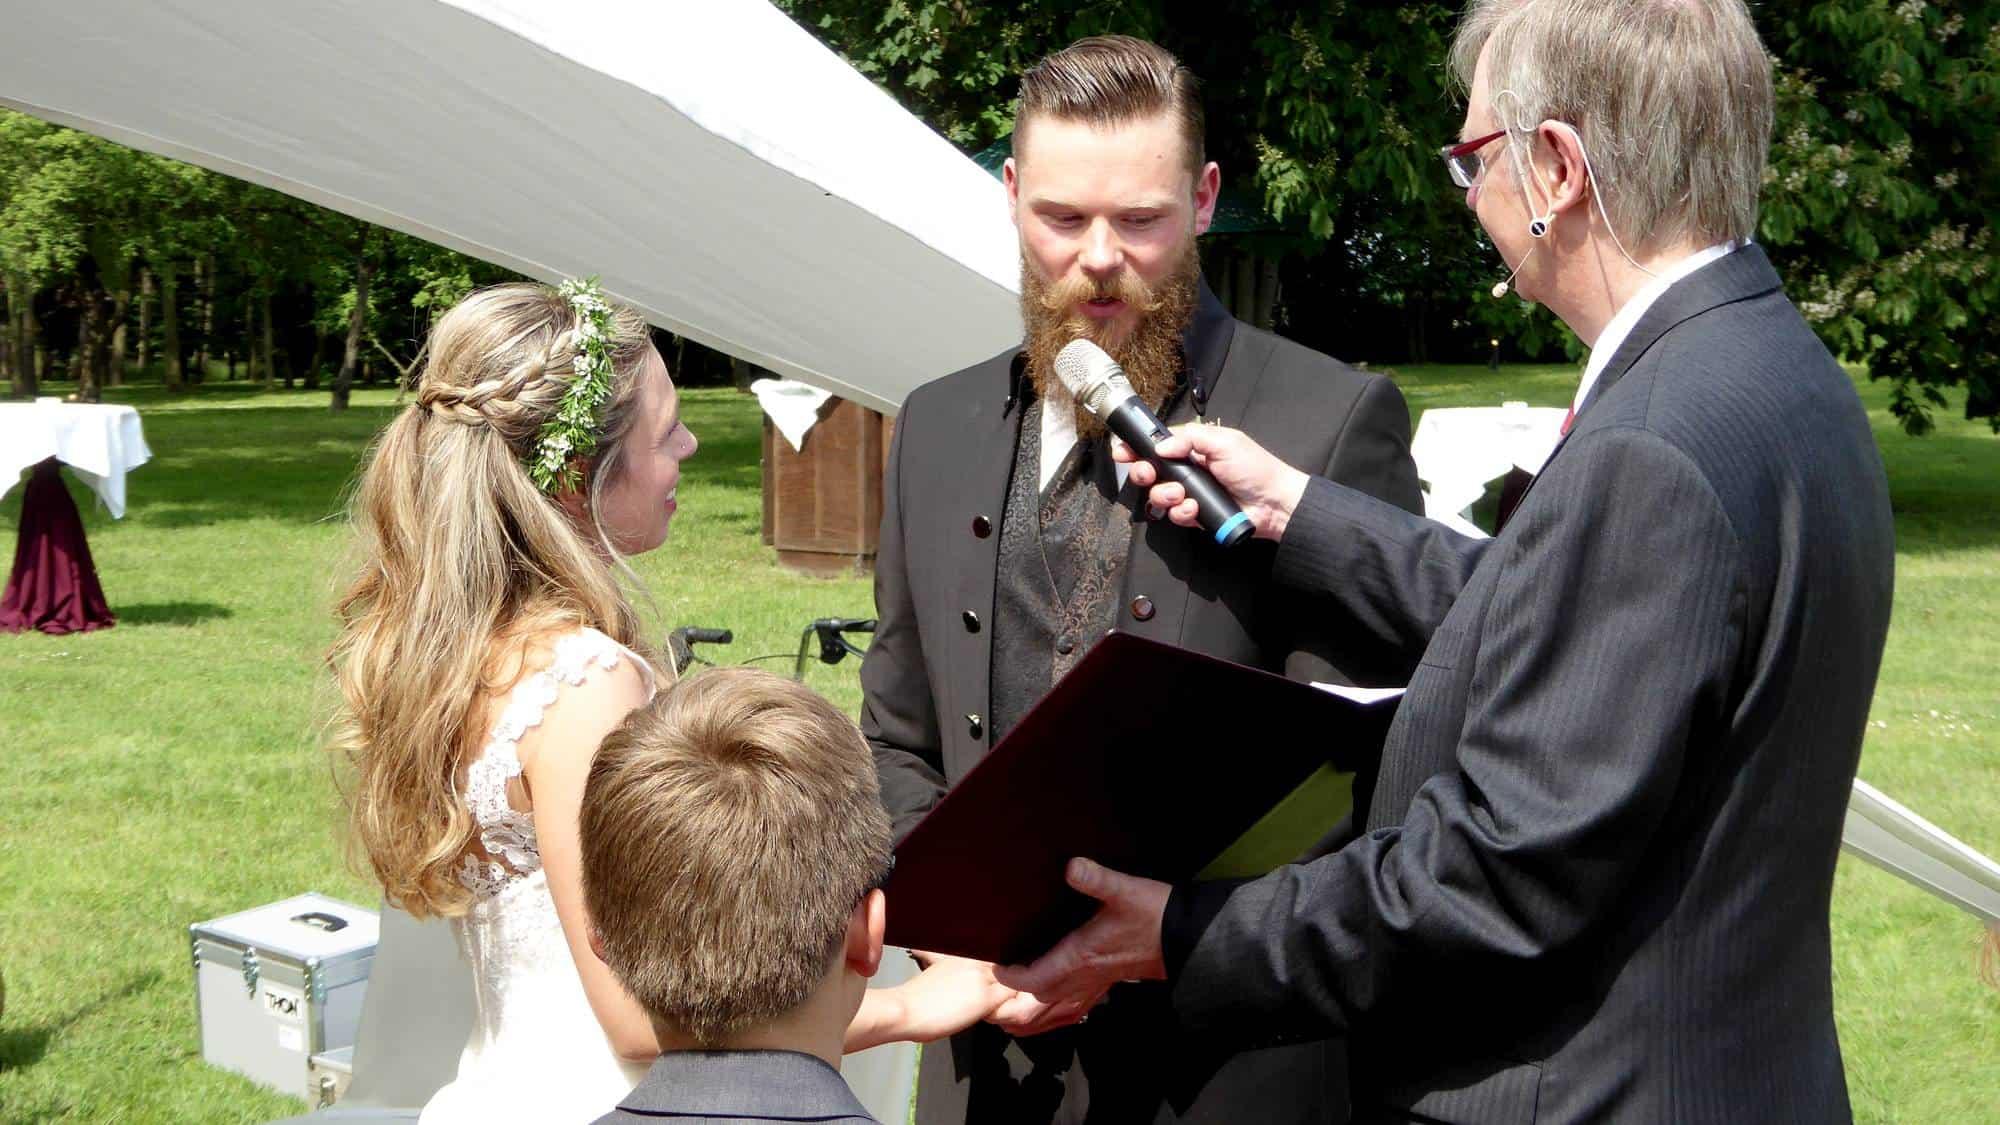 Ehegeloebnis bei der freien Trauung in Schwerte